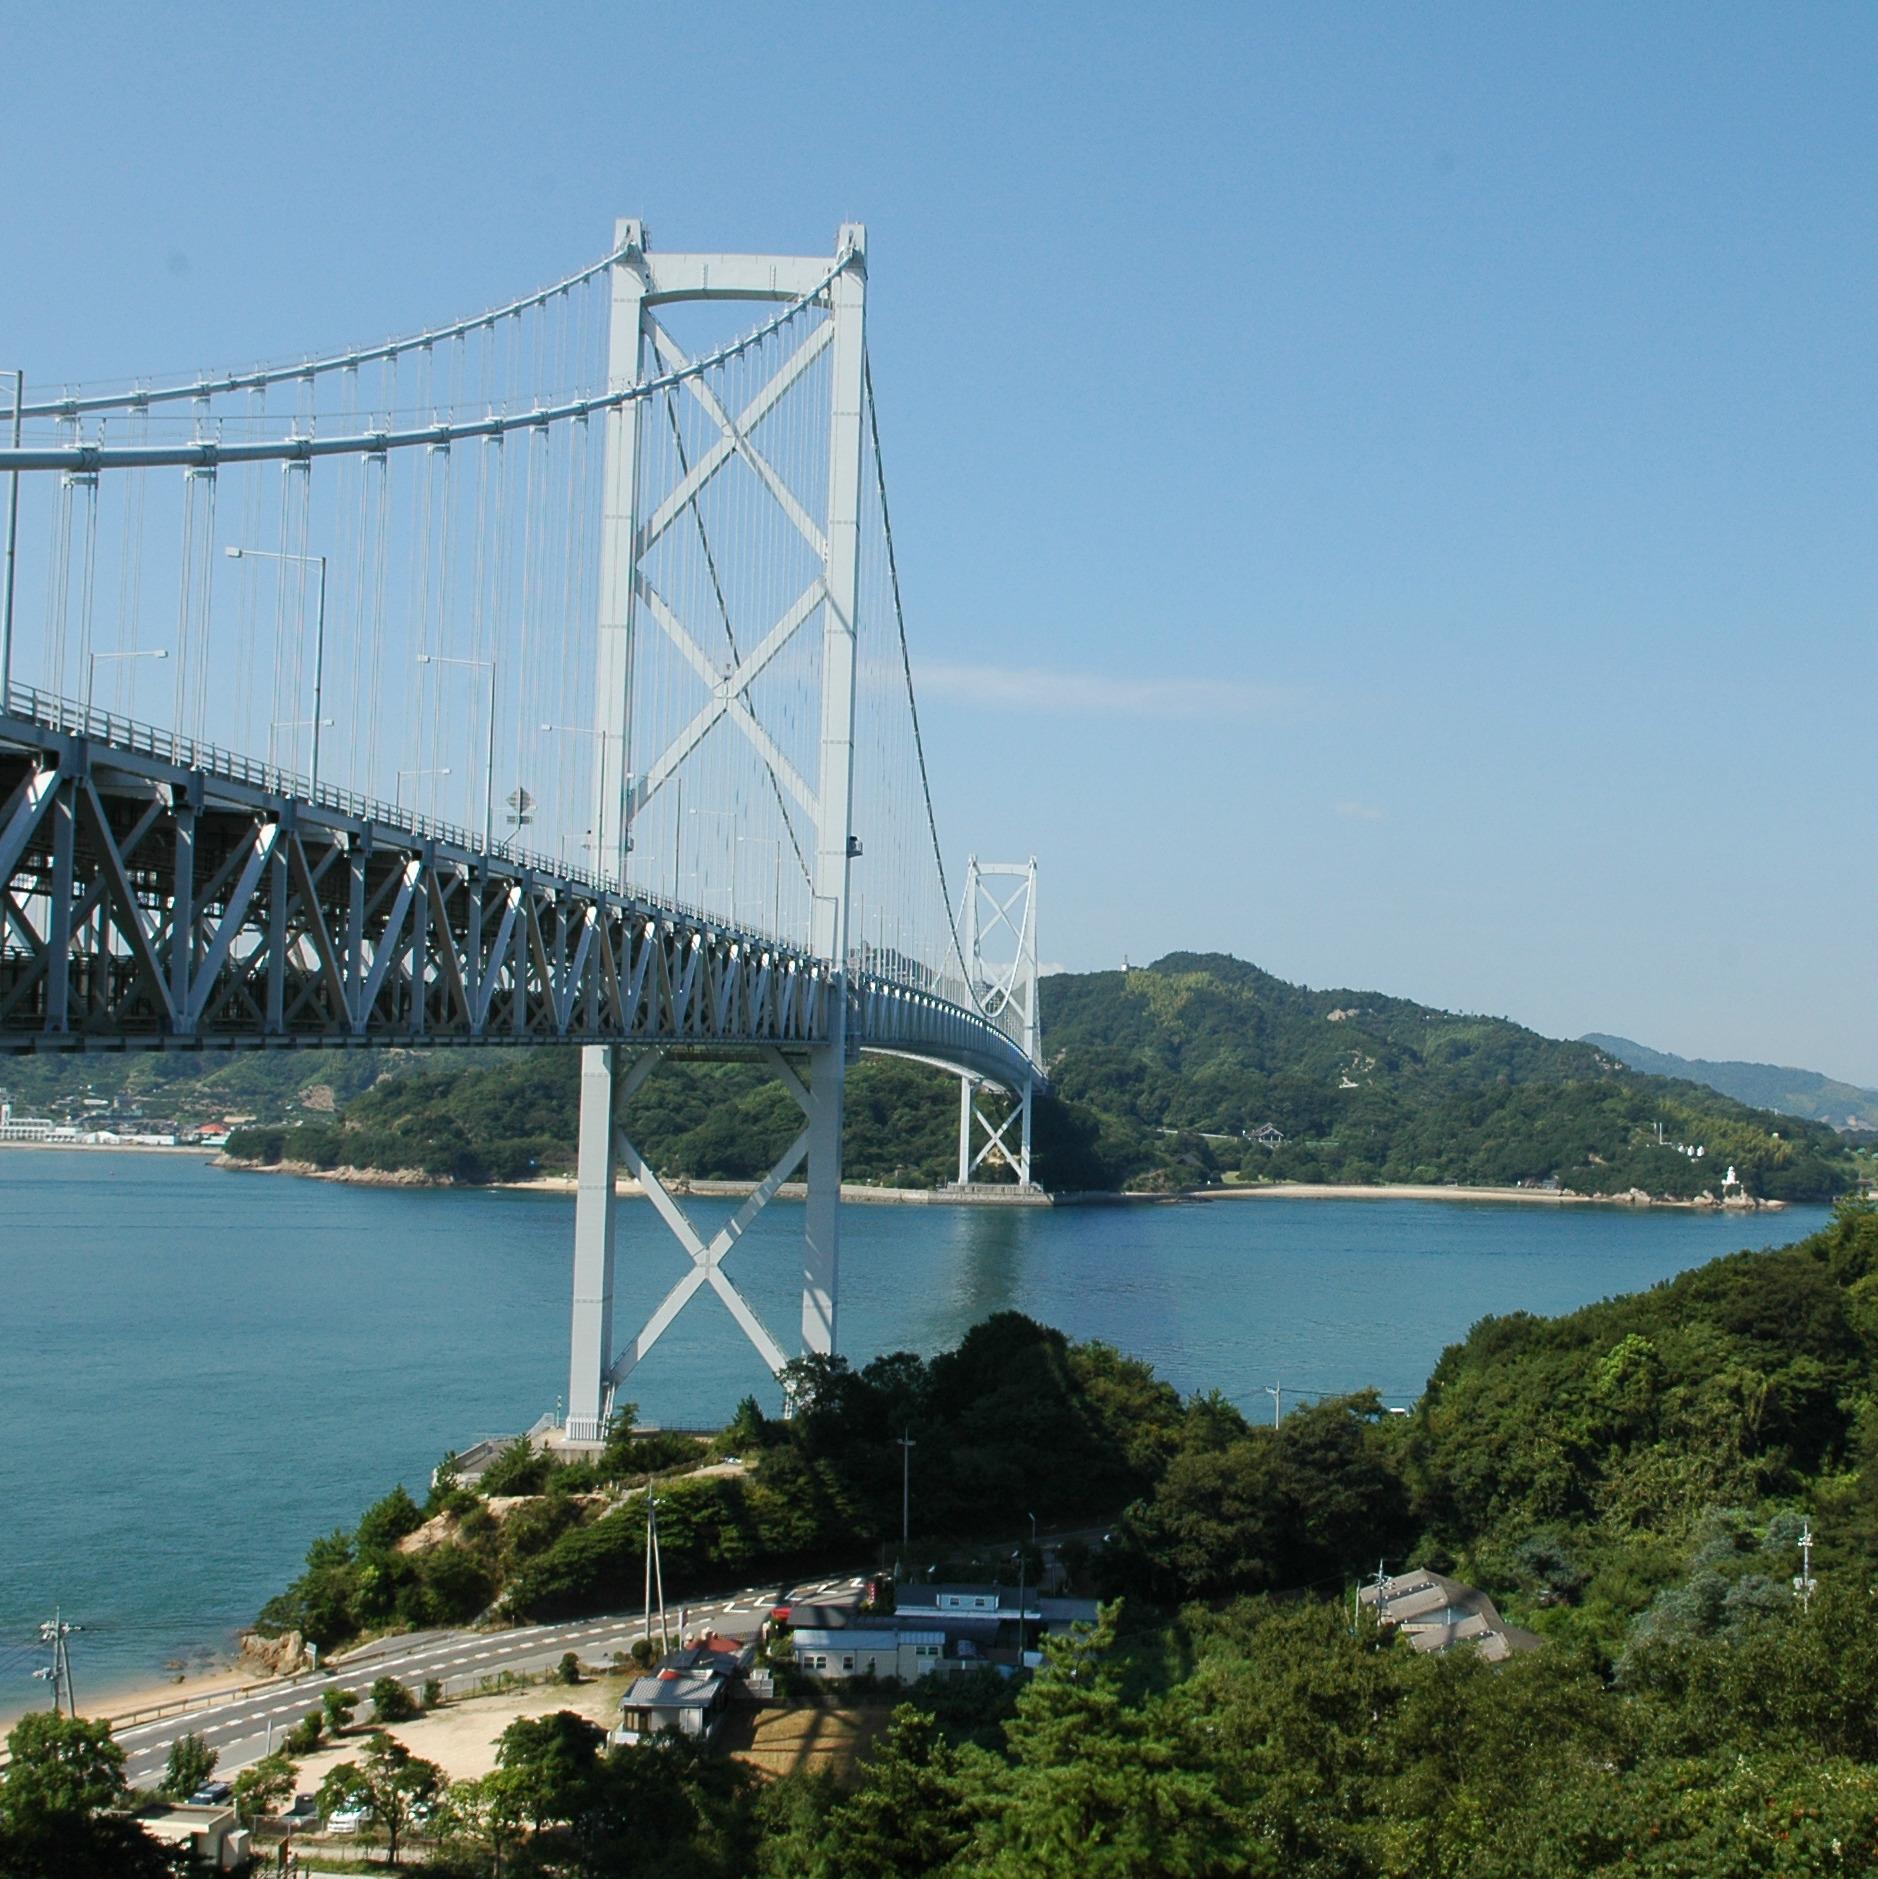 商都大阪の起源! 瀬戸内海は古代版ハイウェイだった